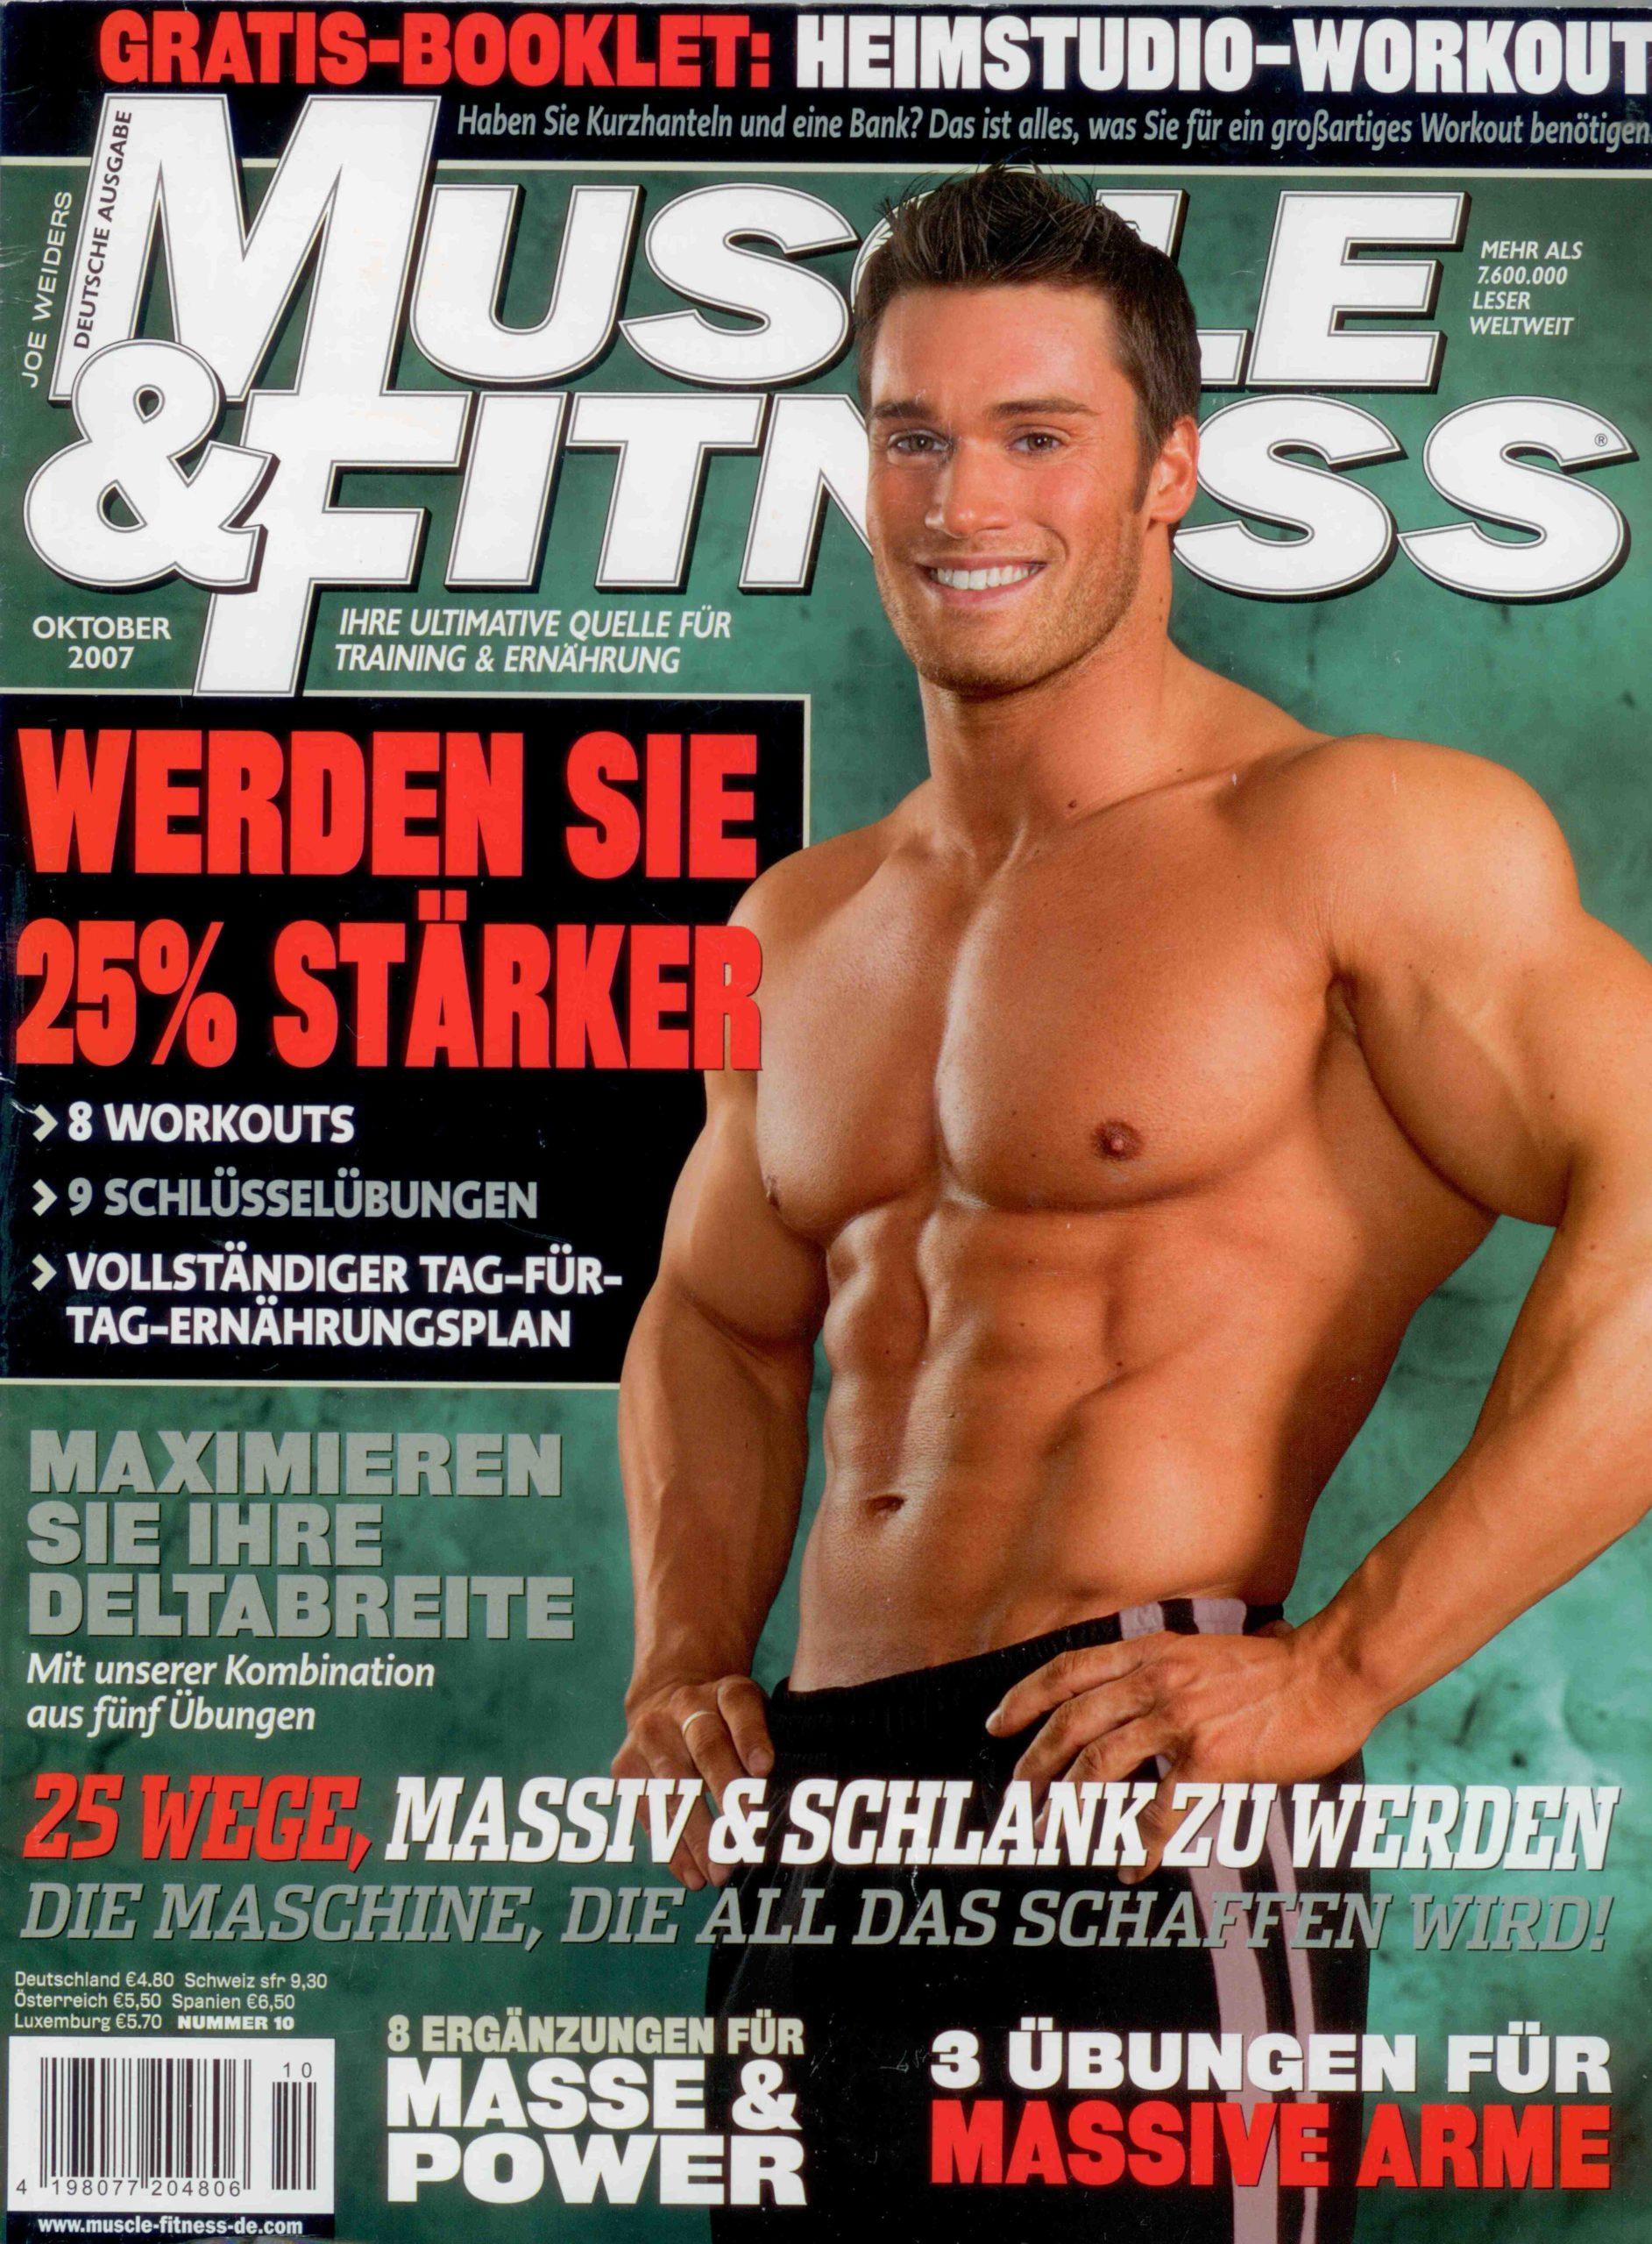 Coverbild Sportmagazin Muscle & Fitness nackter Oberkörper Mann